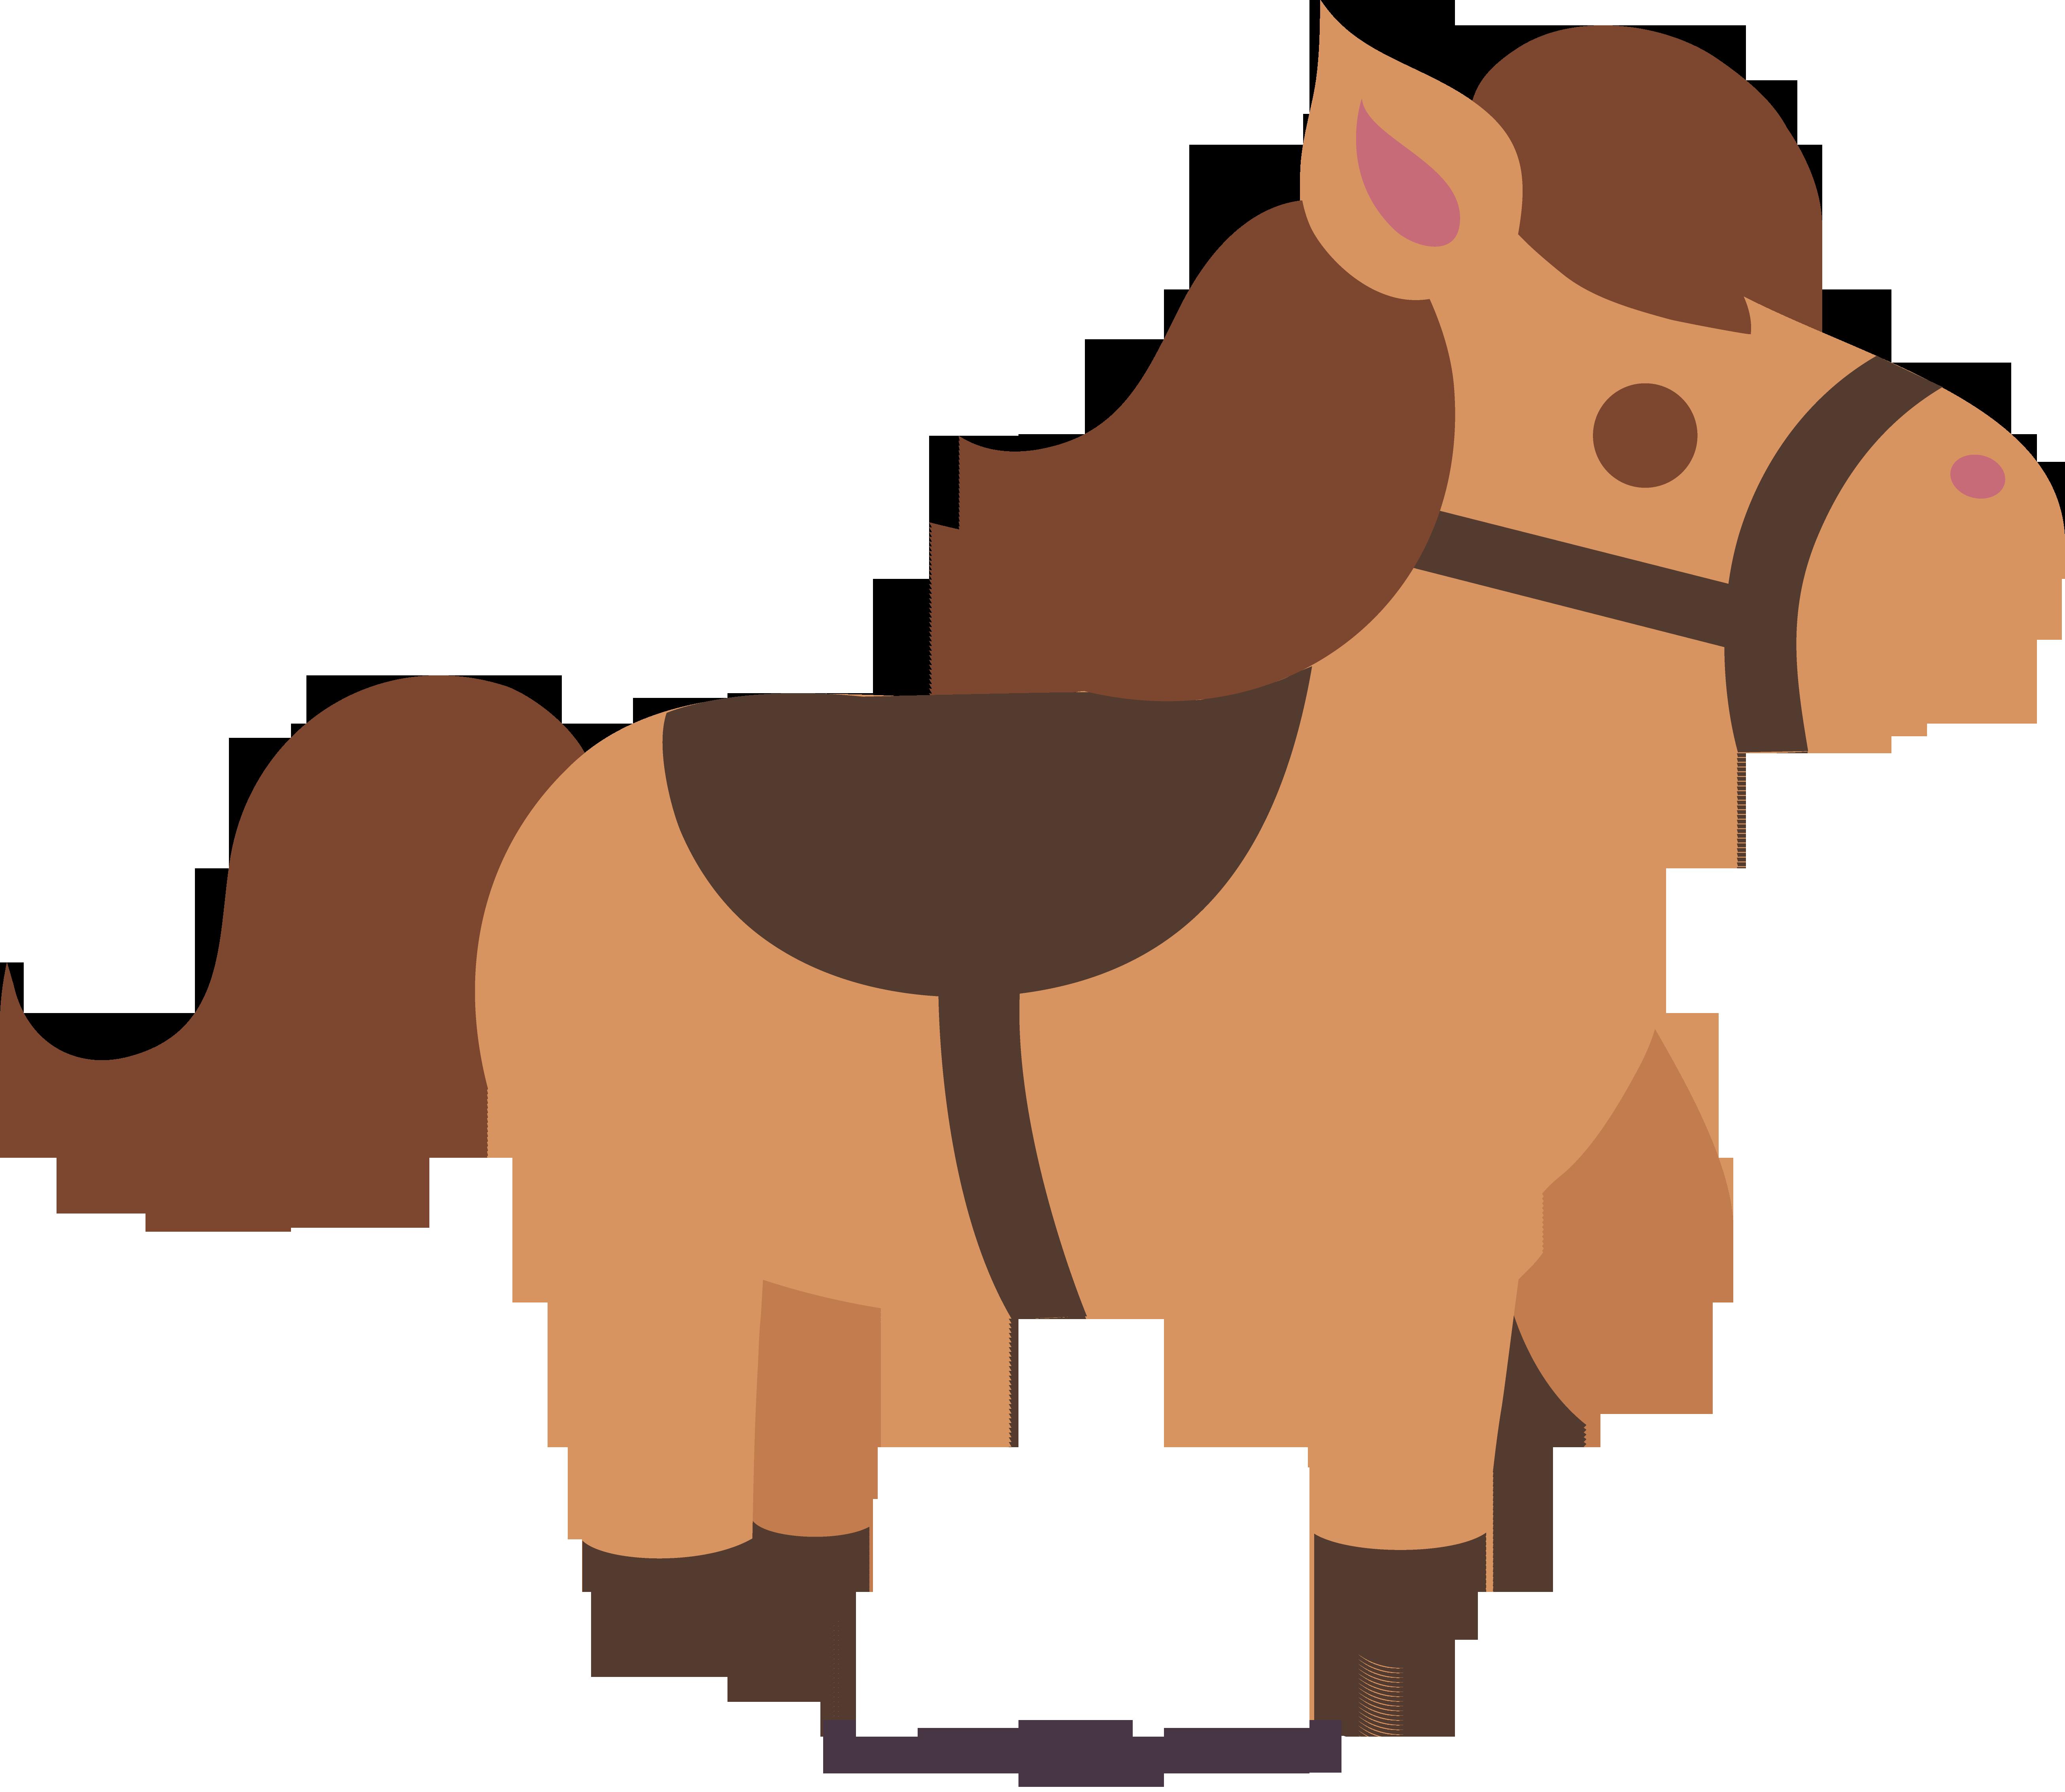 5223x4532 Cute Brown Horse 2 Clip Art